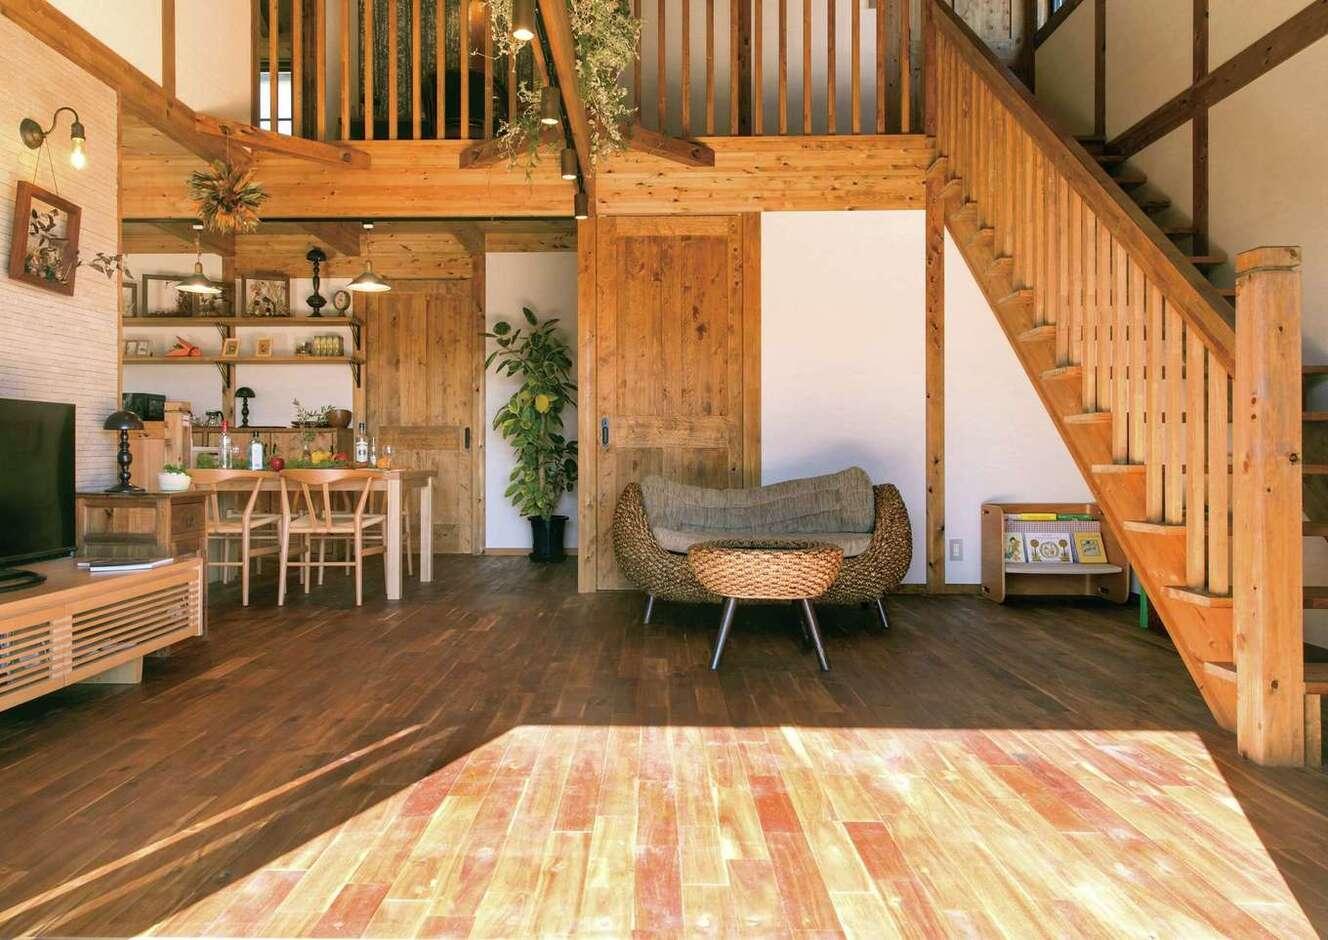 サイエンスホーム甲府店・笛吹店【1000万円台、デザイン住宅、自然素材】柱と梁を現しにした「真壁づくり」のLDKは、木そのものが呼吸して湿度を調節してくれるので、建物が長持ちする。ひのきの階段を上がるとロフトへ。キッチンにいる奥さまは、吹抜けを通してロフトの気配がわかるので安心して家事ができる